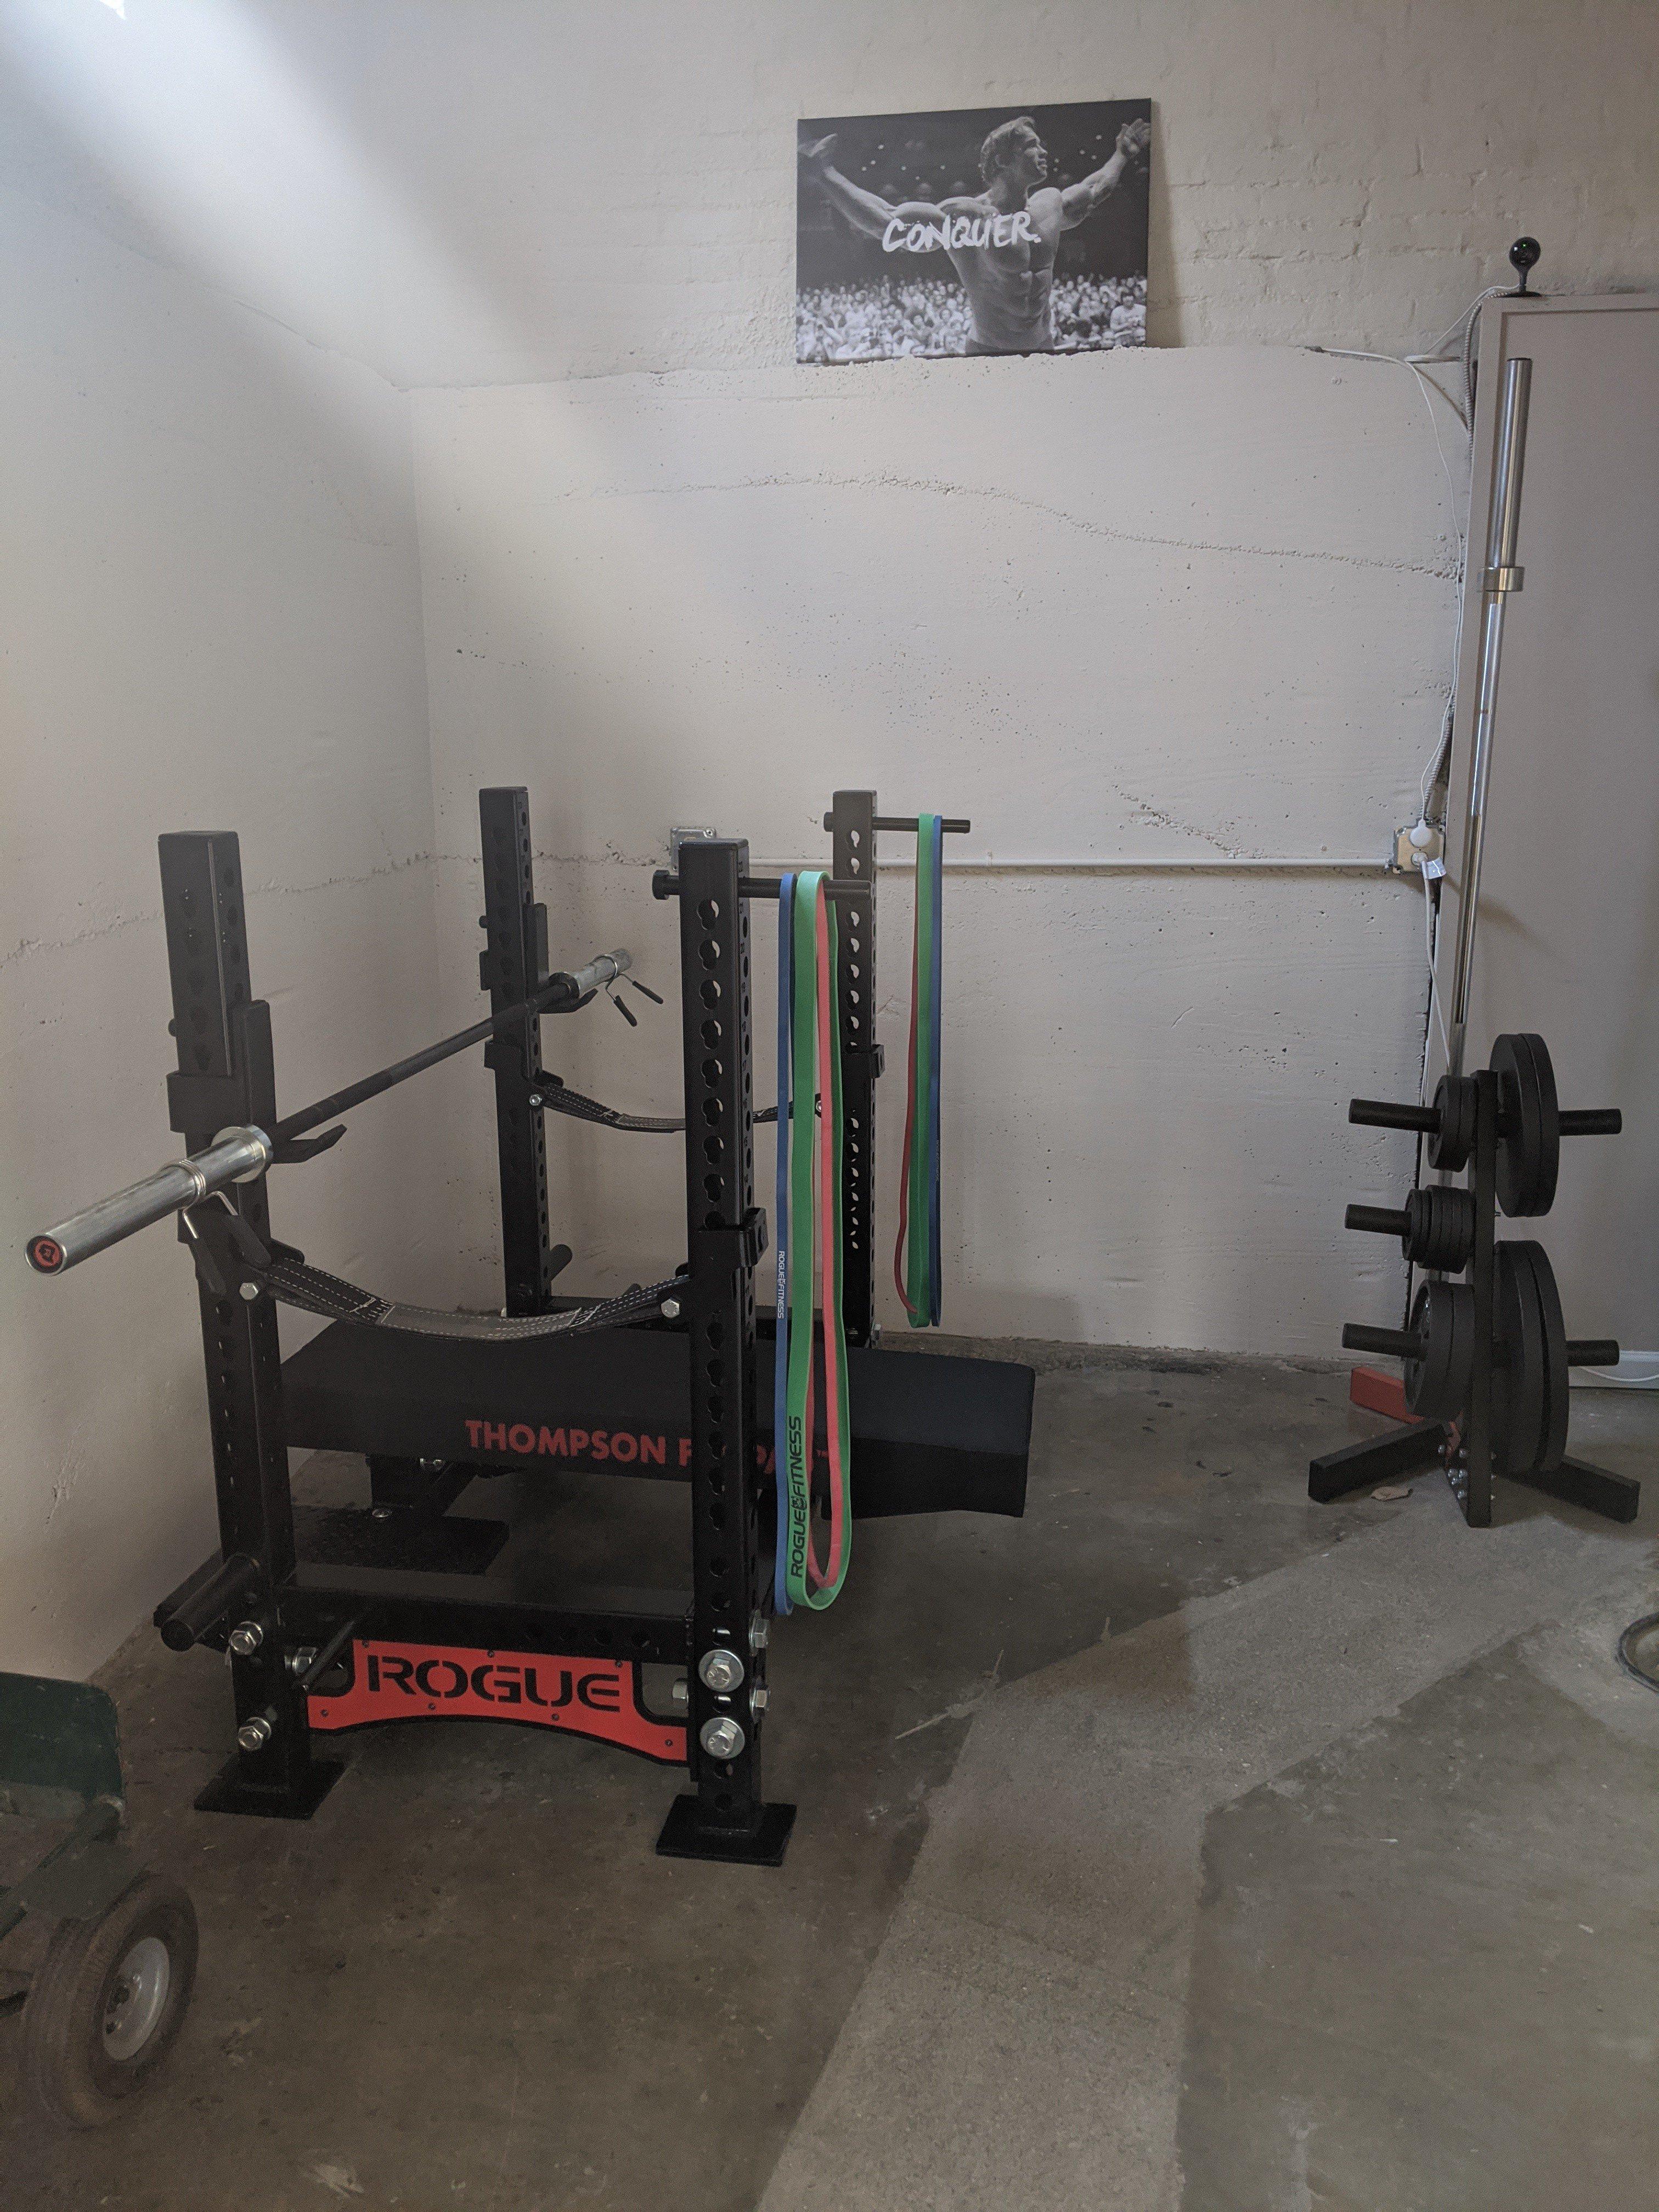 Bench press station